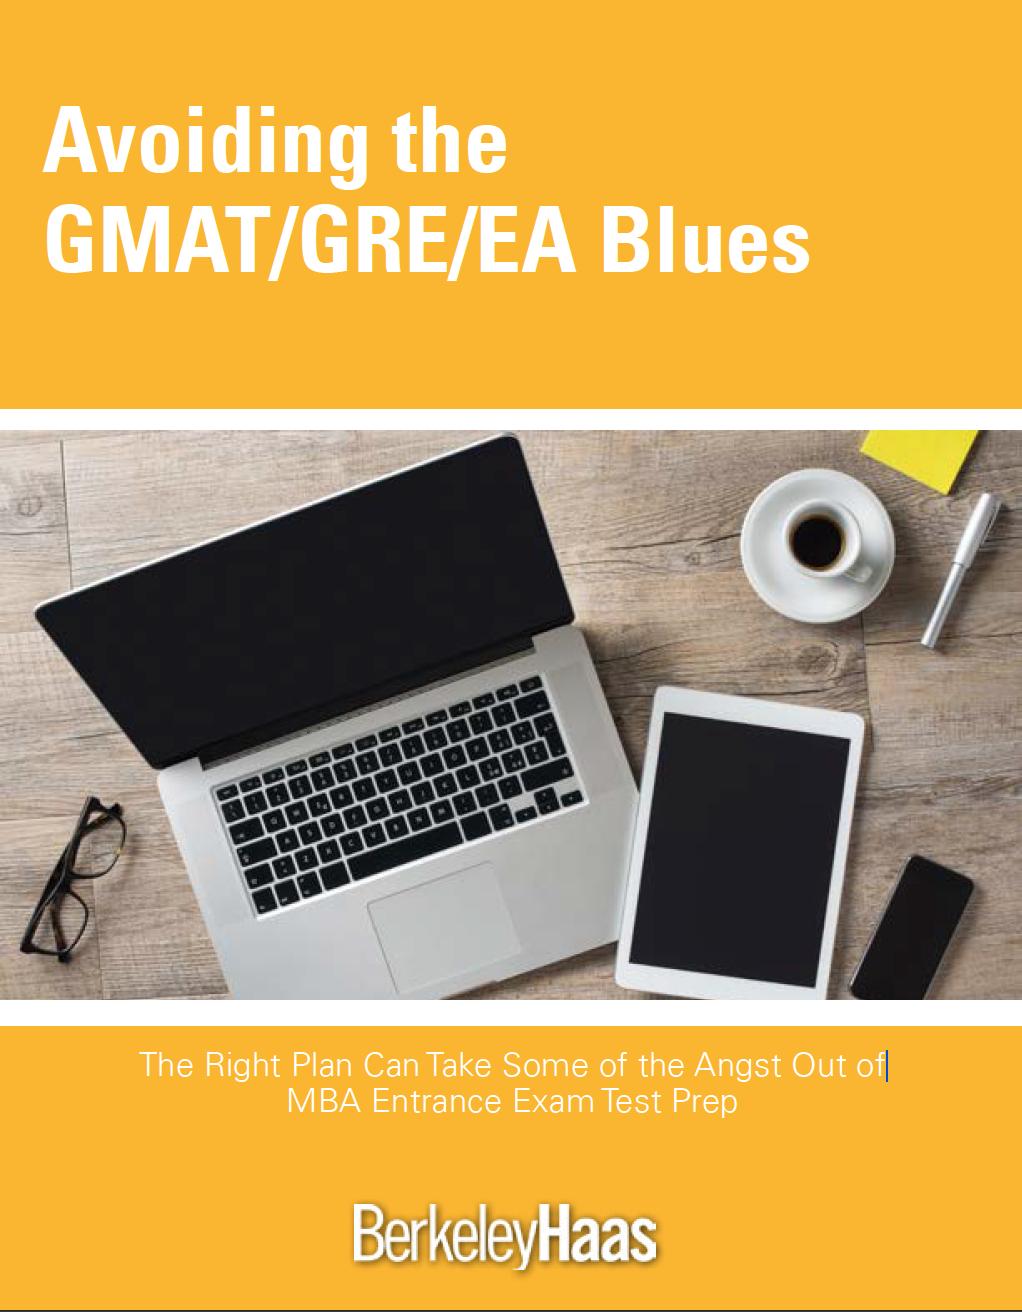 GMAT e-book